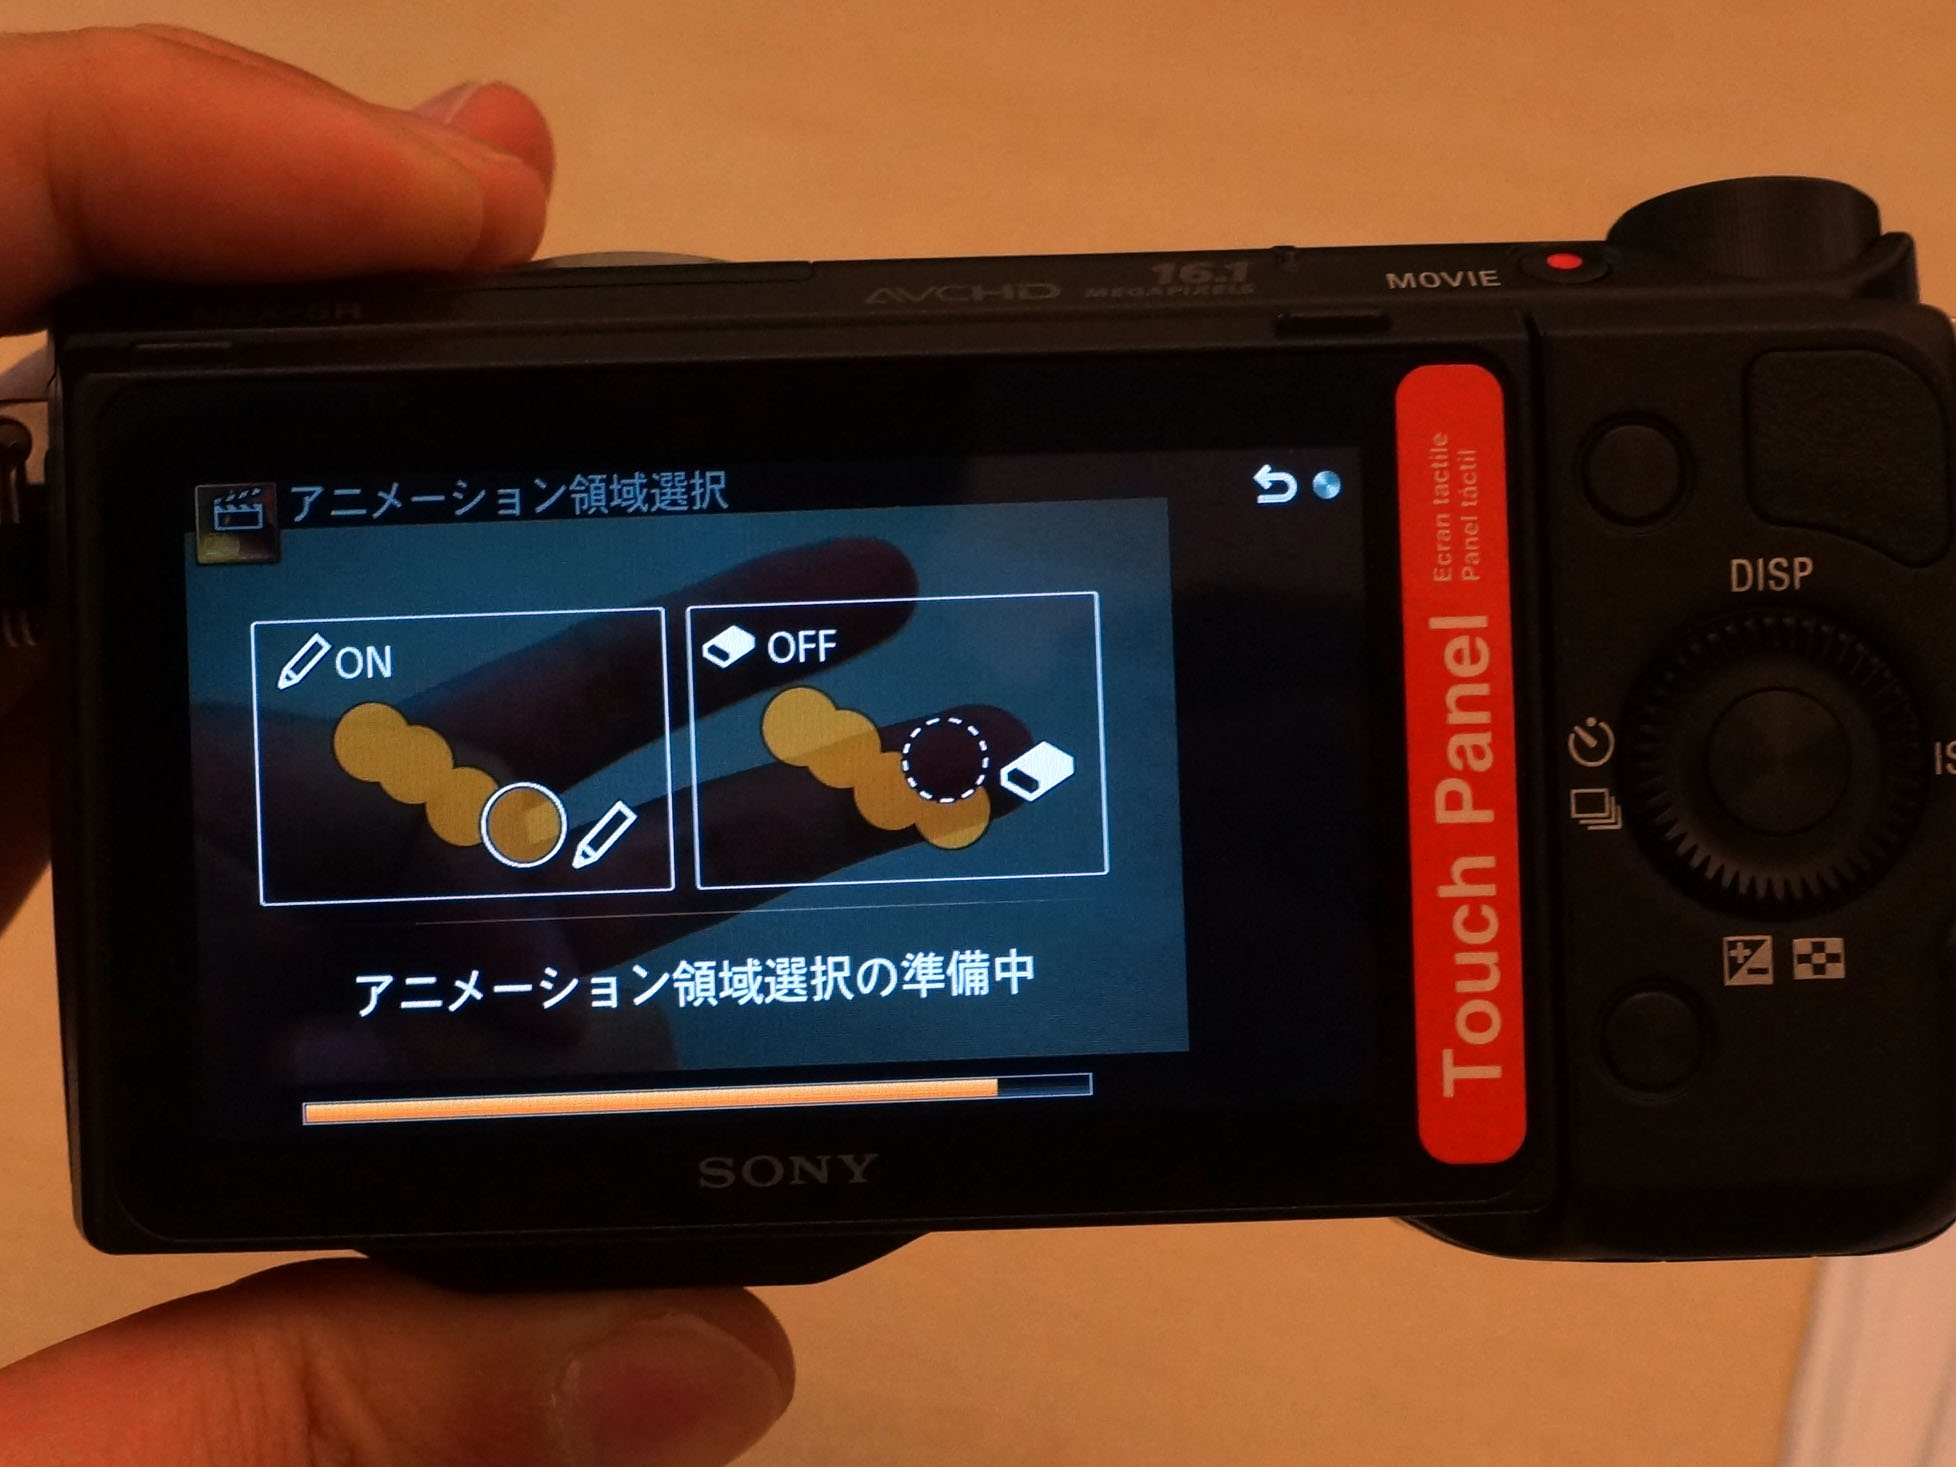 シネマフォトアプリの使用イメージ